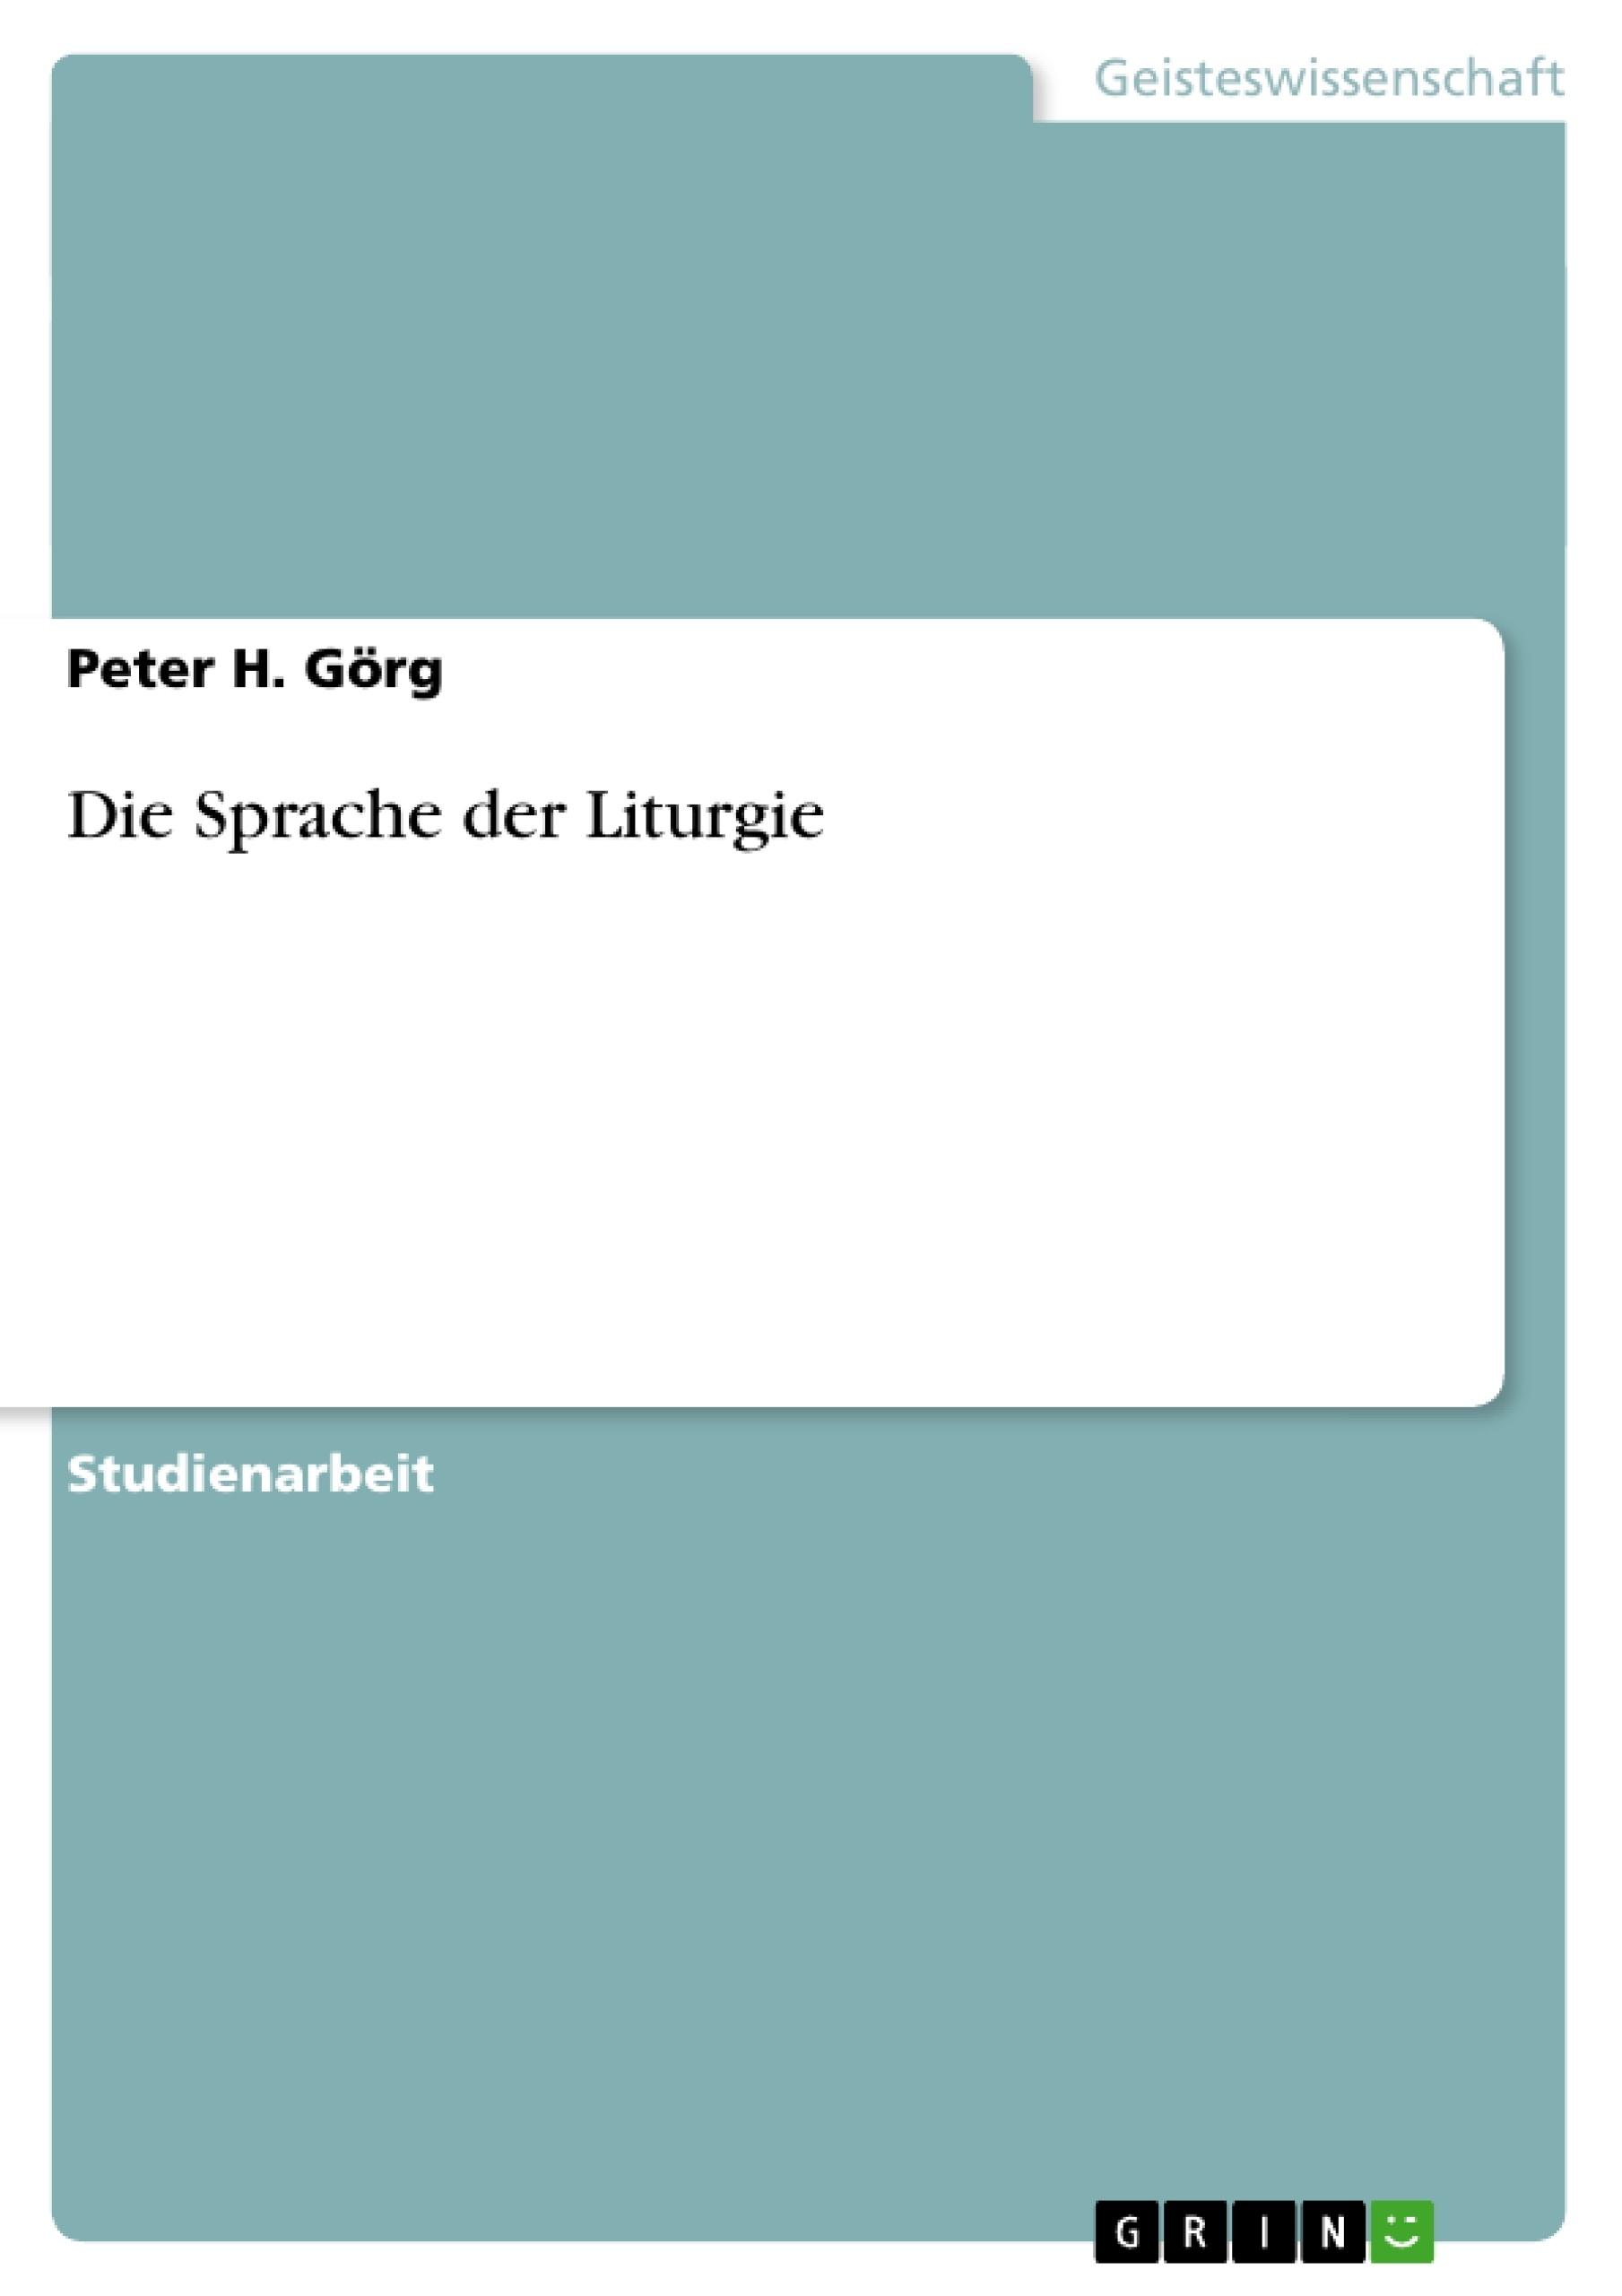 Titel: Die Sprache der Liturgie